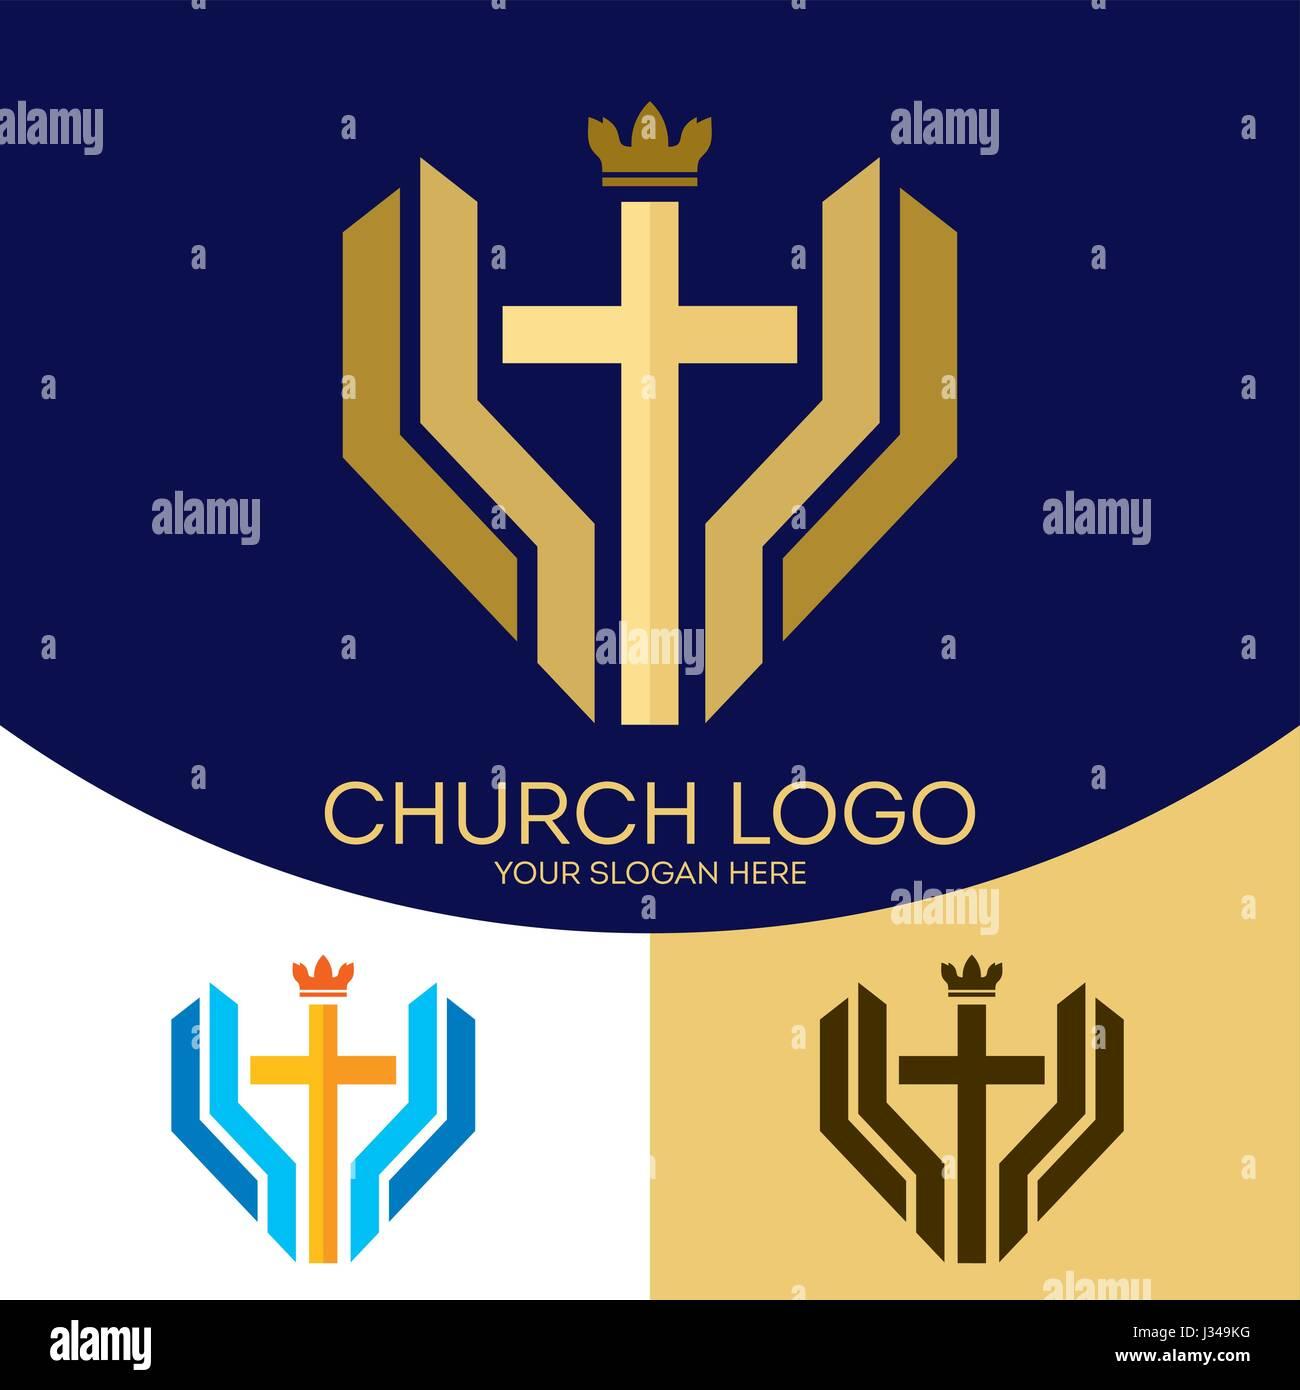 Das reich symbol gallery symbol and sign ideas logo der kirche christliche symbole das kreuz jesu christi und logo der kirche christliche symbole das buycottarizona